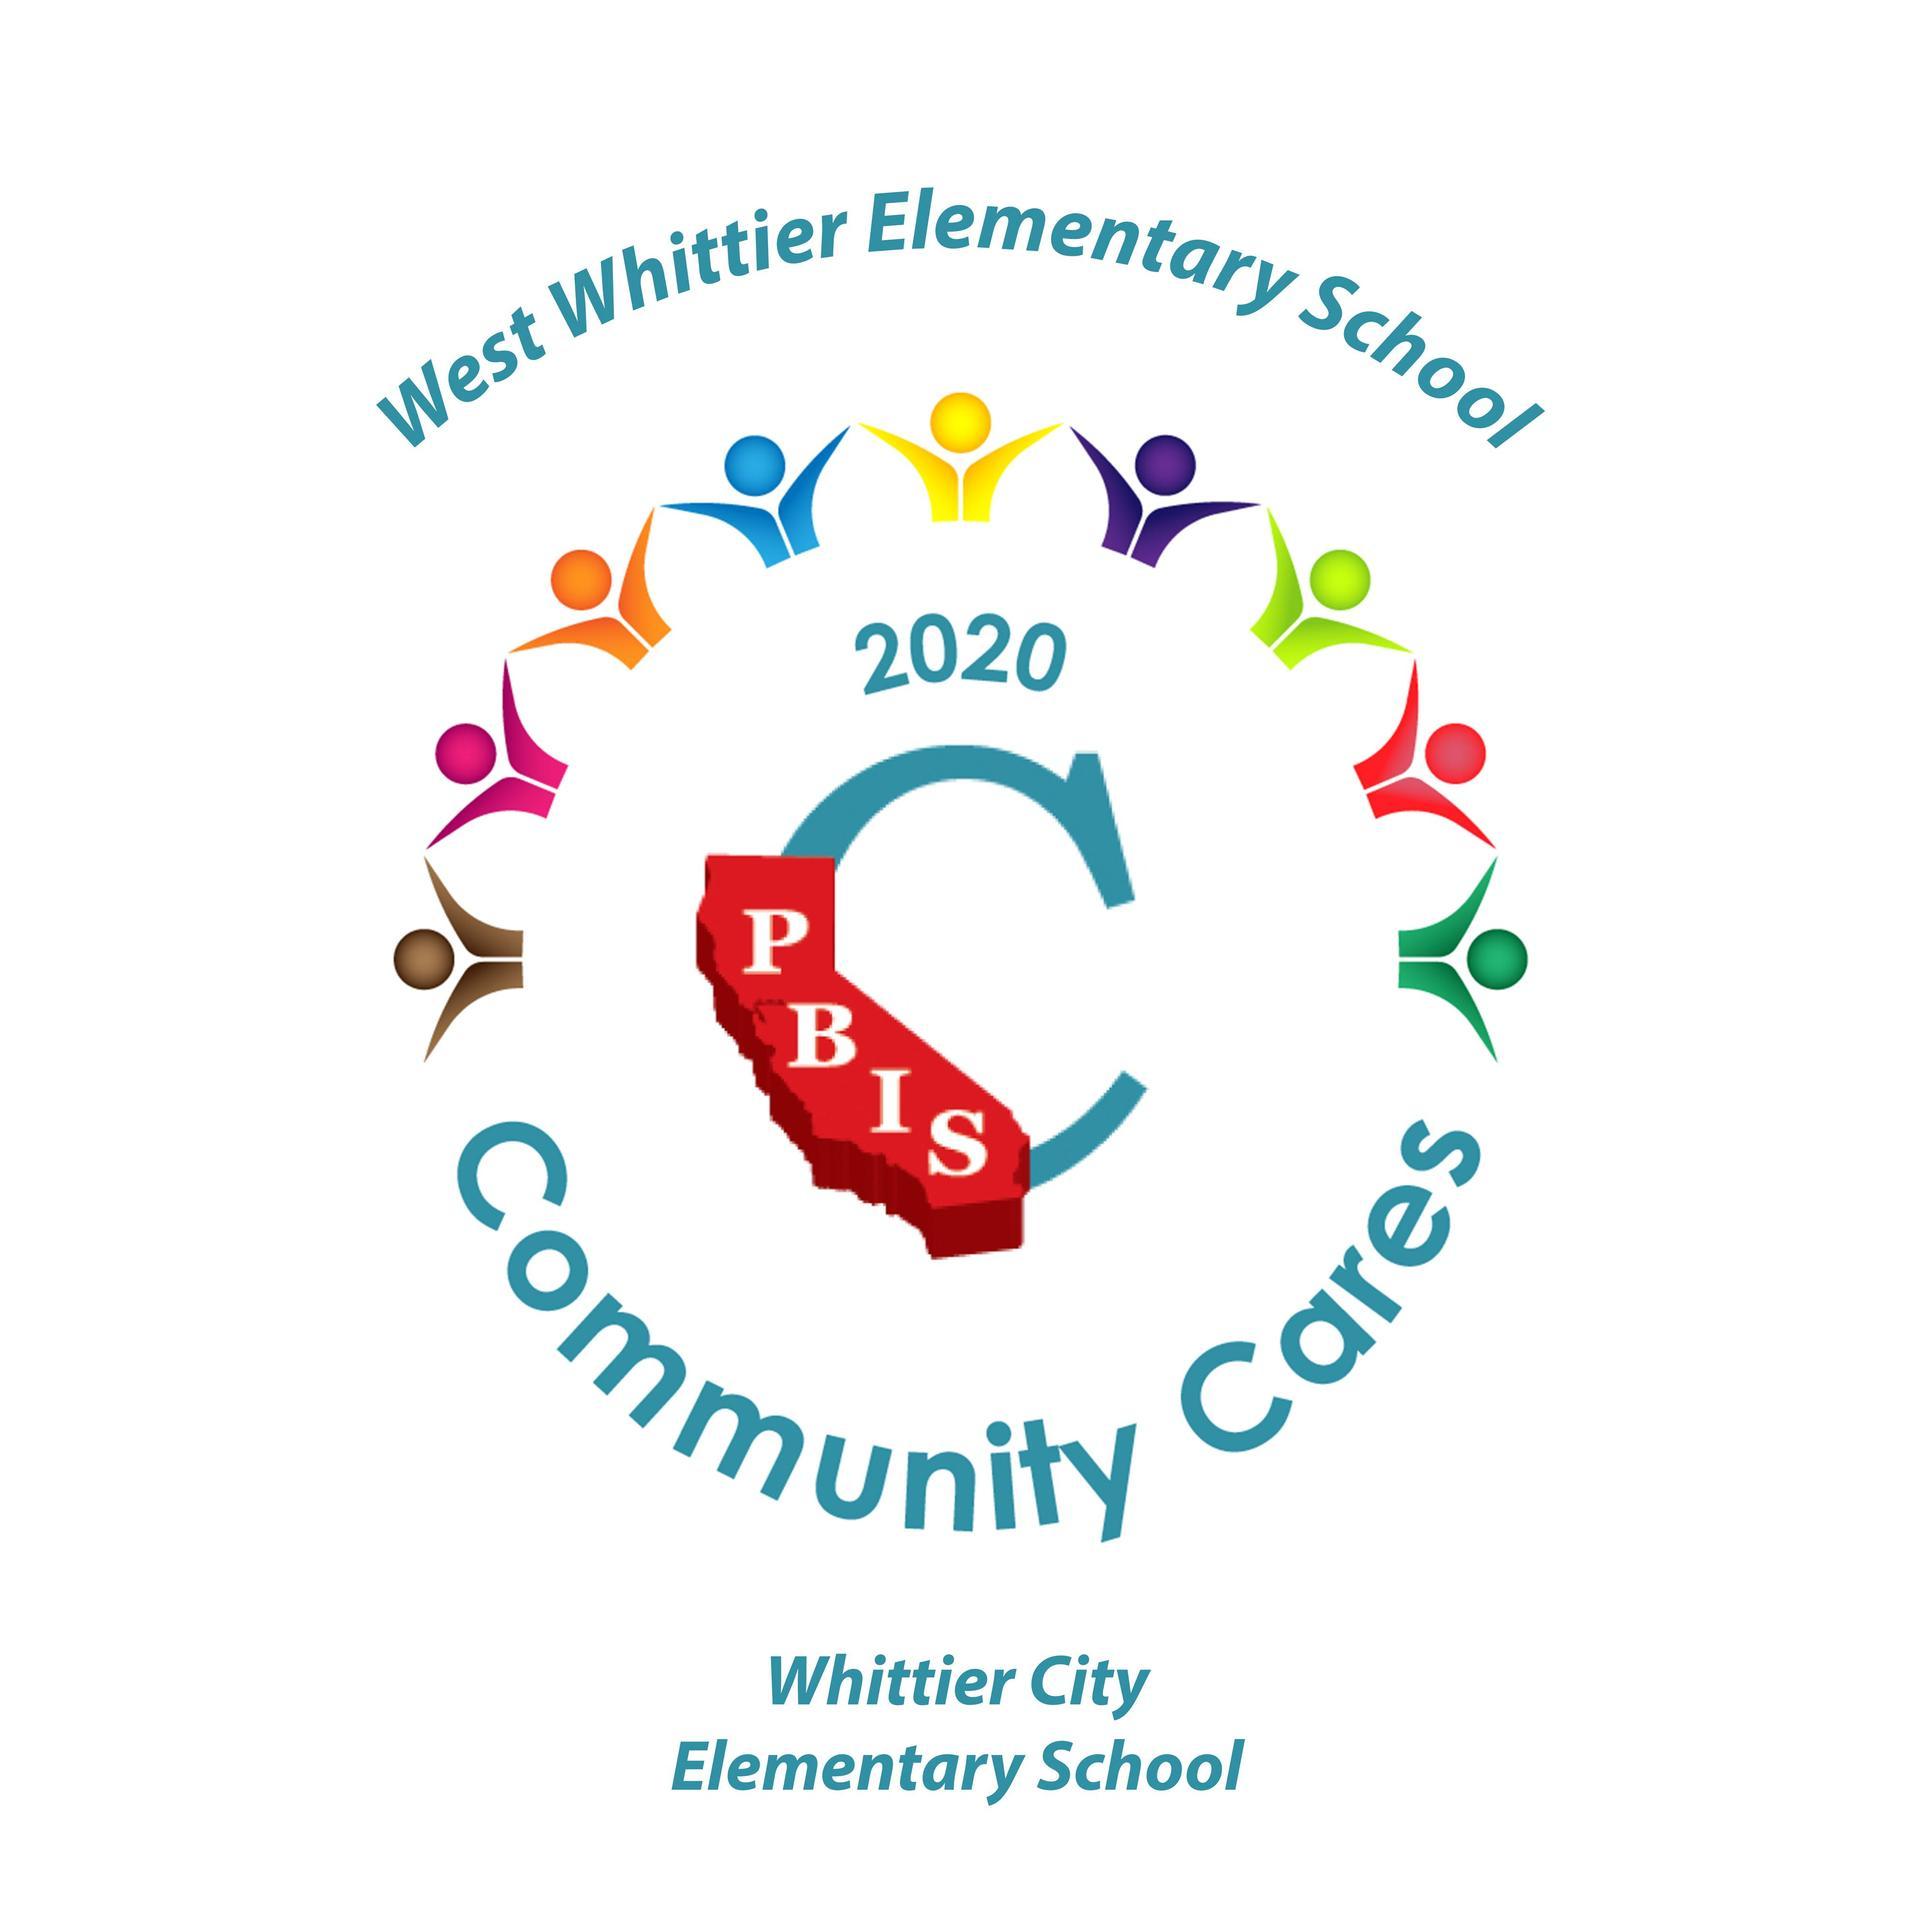 West Whittier Elementary